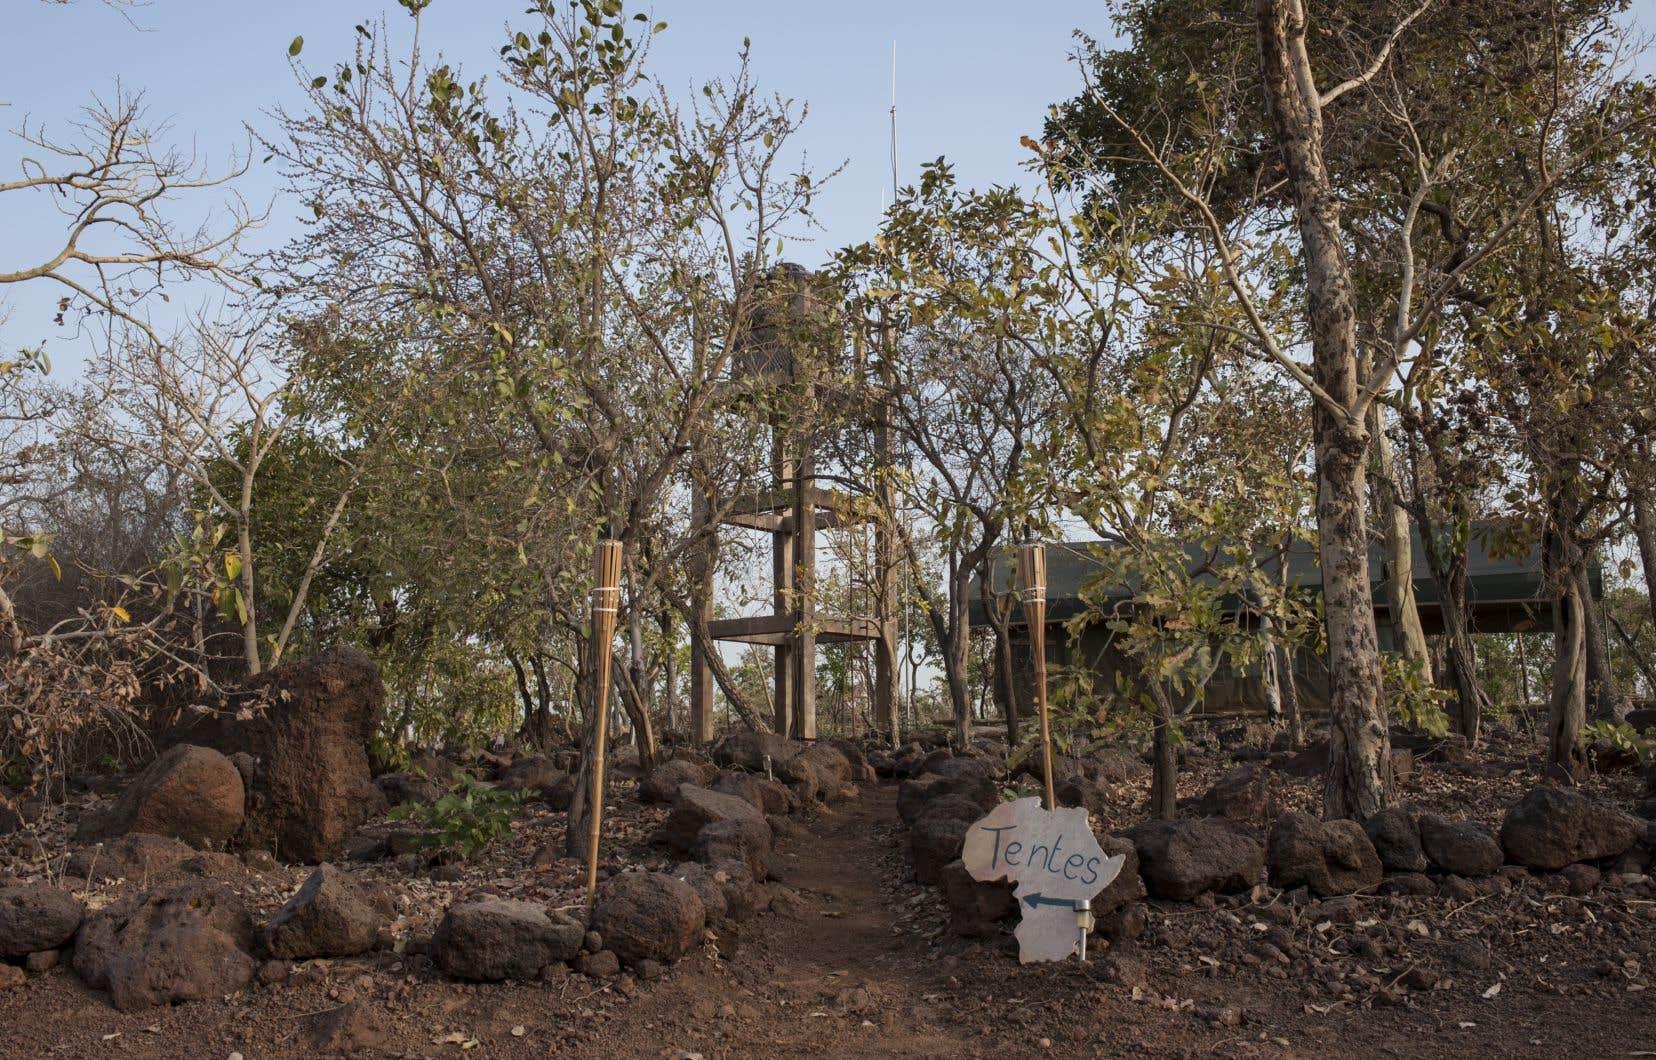 Les deux touristes français auraient disparu dans le parc national de la Pendjari, au Bénin.